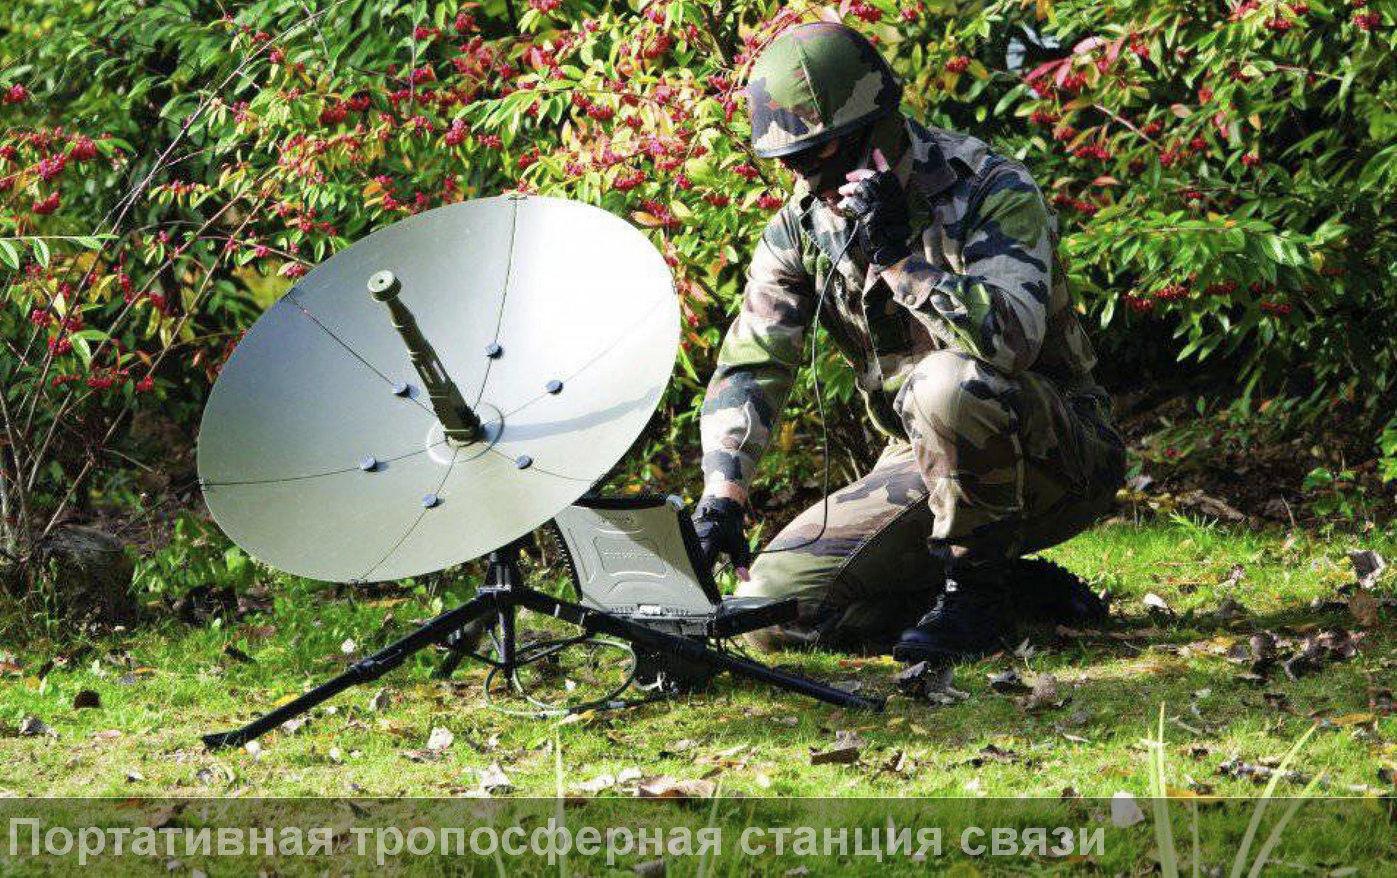 Инкубатор на войне. Как работают милитари-стартапы в Украине